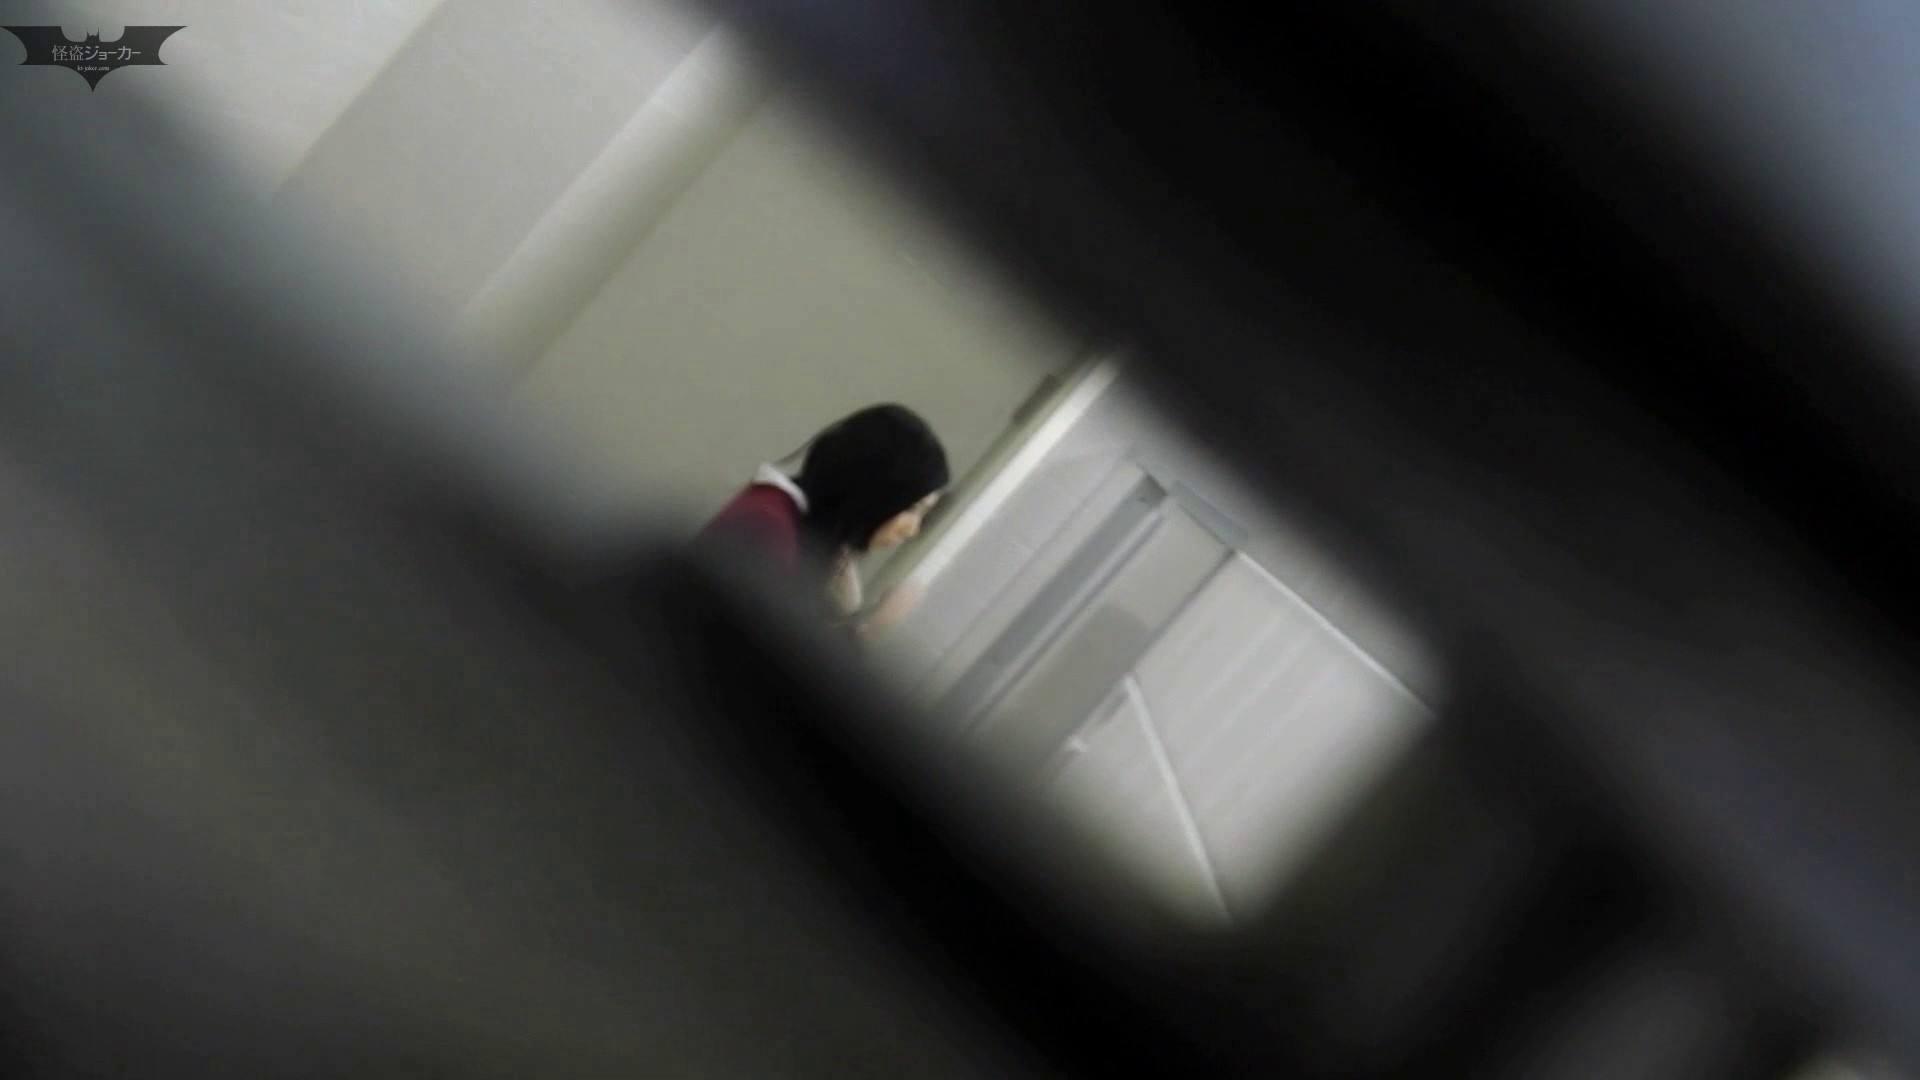 お銀さん vol.59 ピンチ!!「鏡の前で祈る女性」にばれる危機 お姉さん  98PIX 8